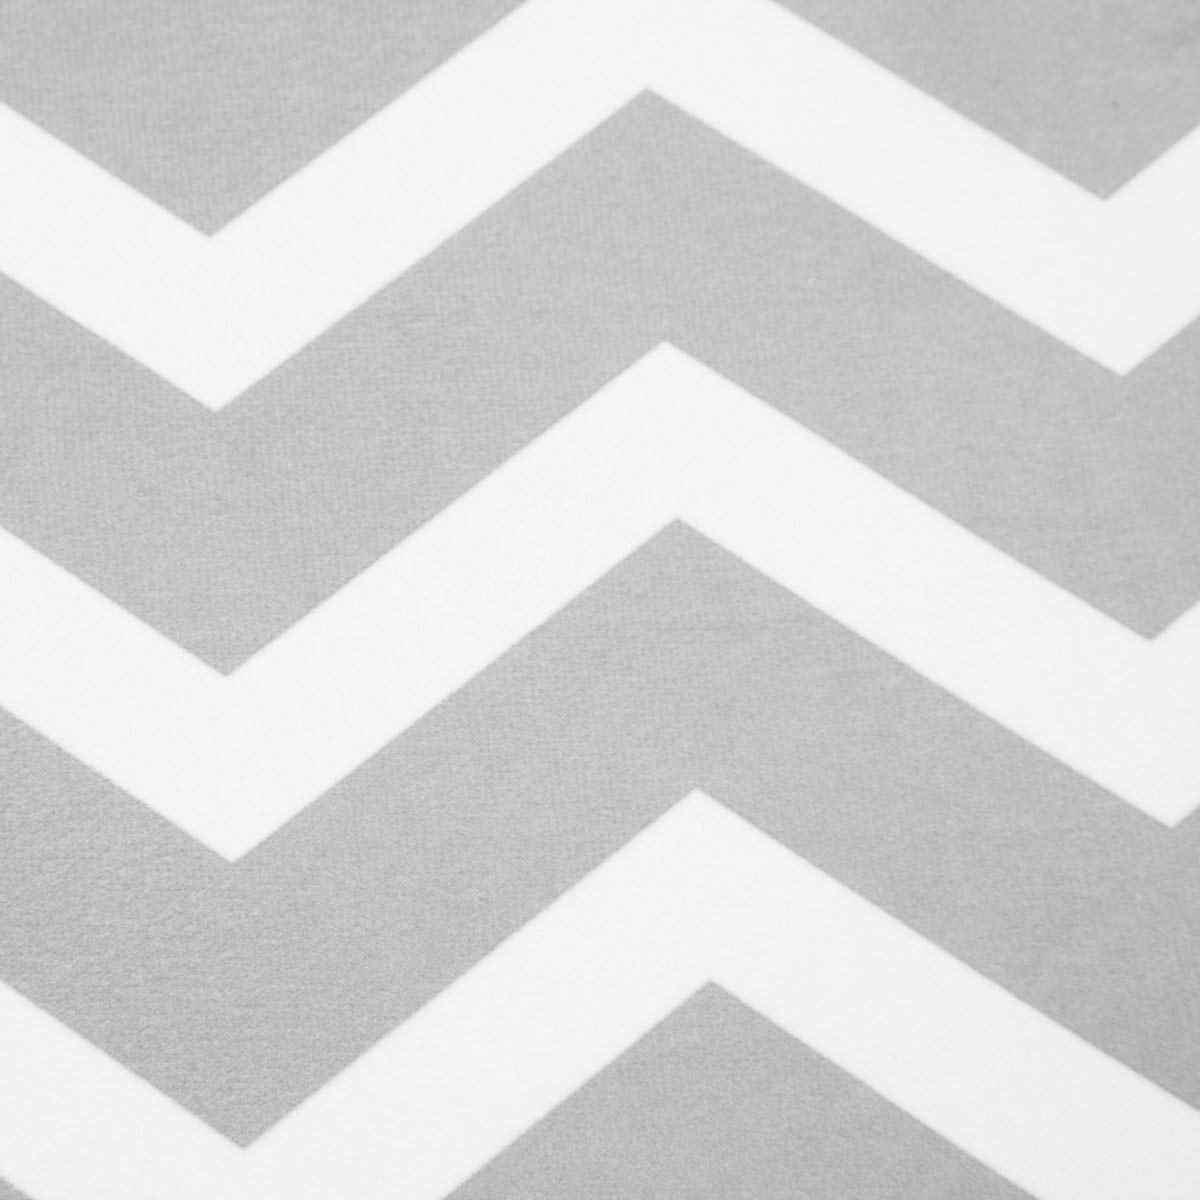 Phim hoạt hình Tắm Thảm Retro Âm Nhạc Lưu Ý Hoa Câu Chuyện Cổ Tích Không-Trượt Chùi Chân Sàn Trong Nhà Phía Trước Cửa Mat Trẻ Em Tắm mat